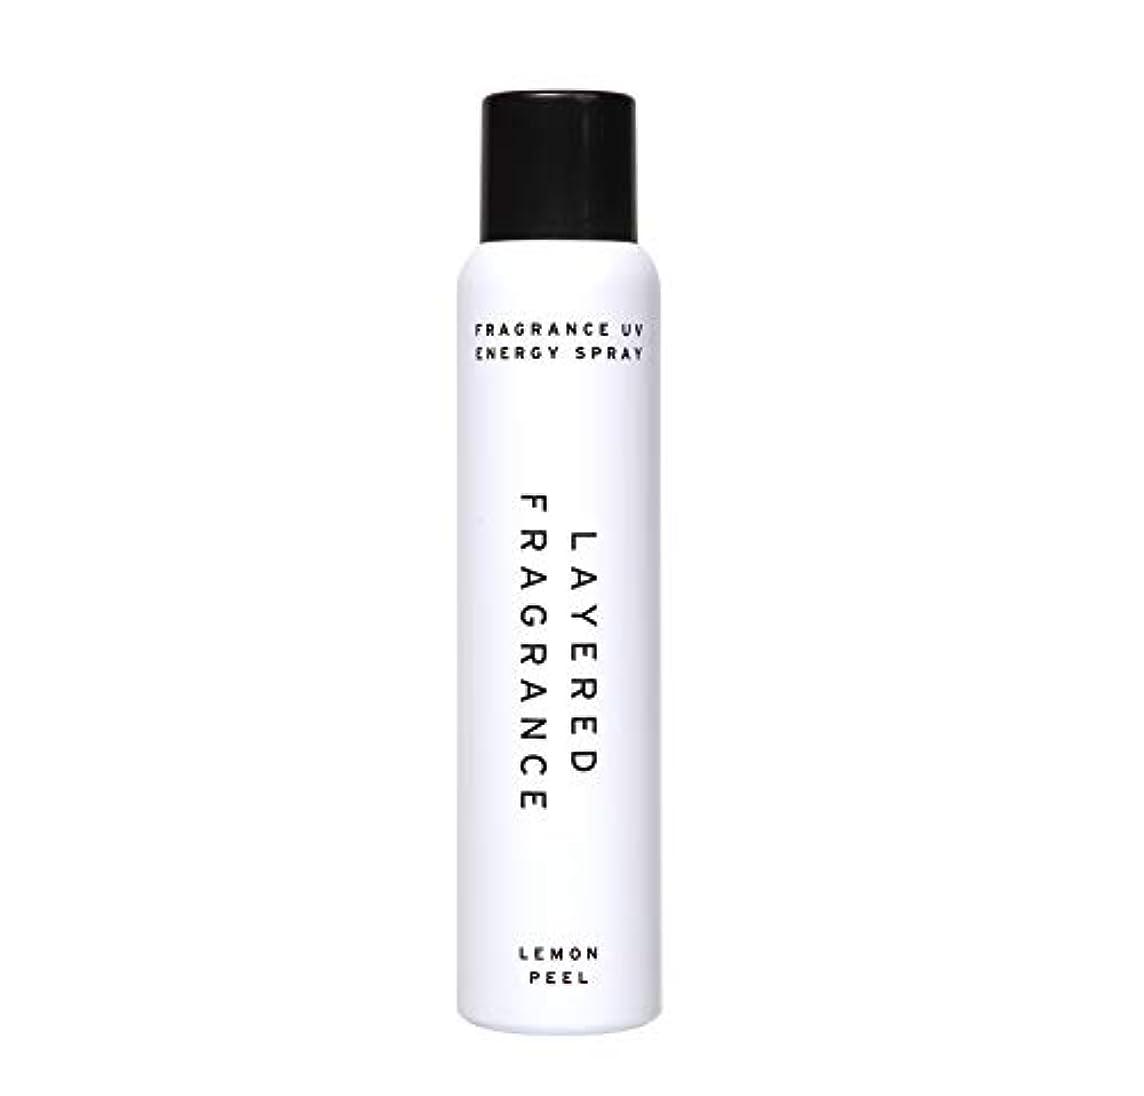 レイヤードフレグランス フレグランス エナジーUVスプレー レモンピール SPF50+ PA++++ LAYERED FRAGRANCE FRAGRANCE ENERGY UV SPRAY LEMON PEEL